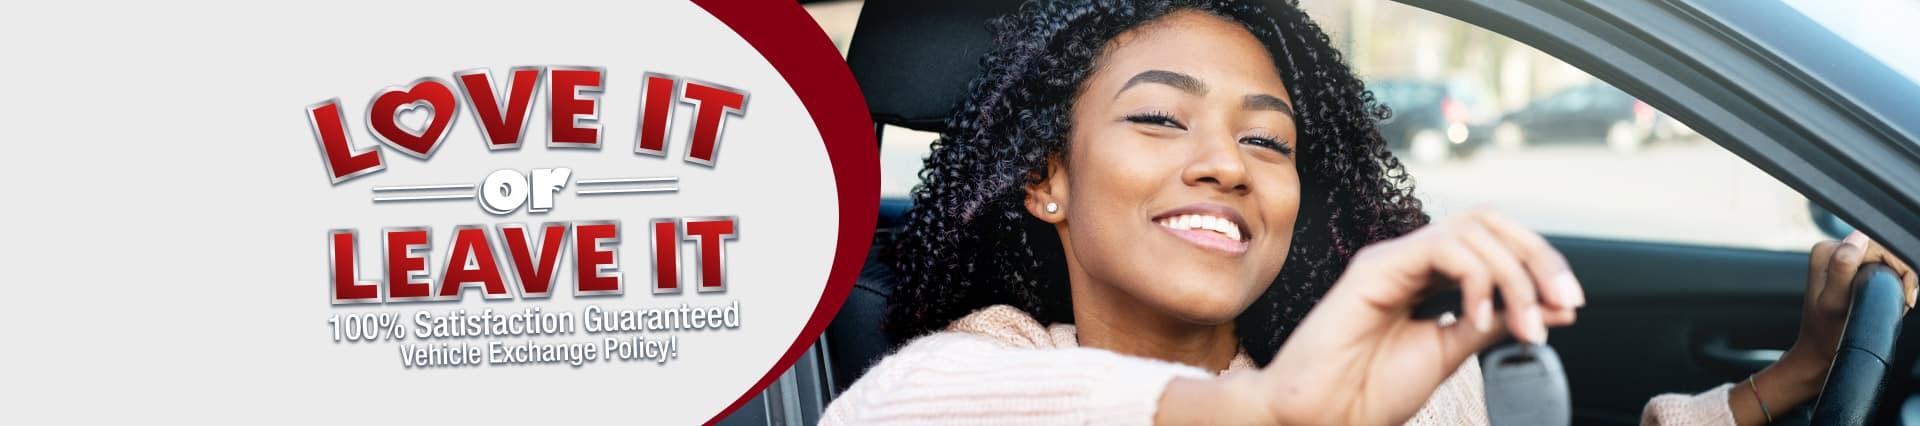 100% Satisfaction Guaranteed Vehicle Exchange Policy